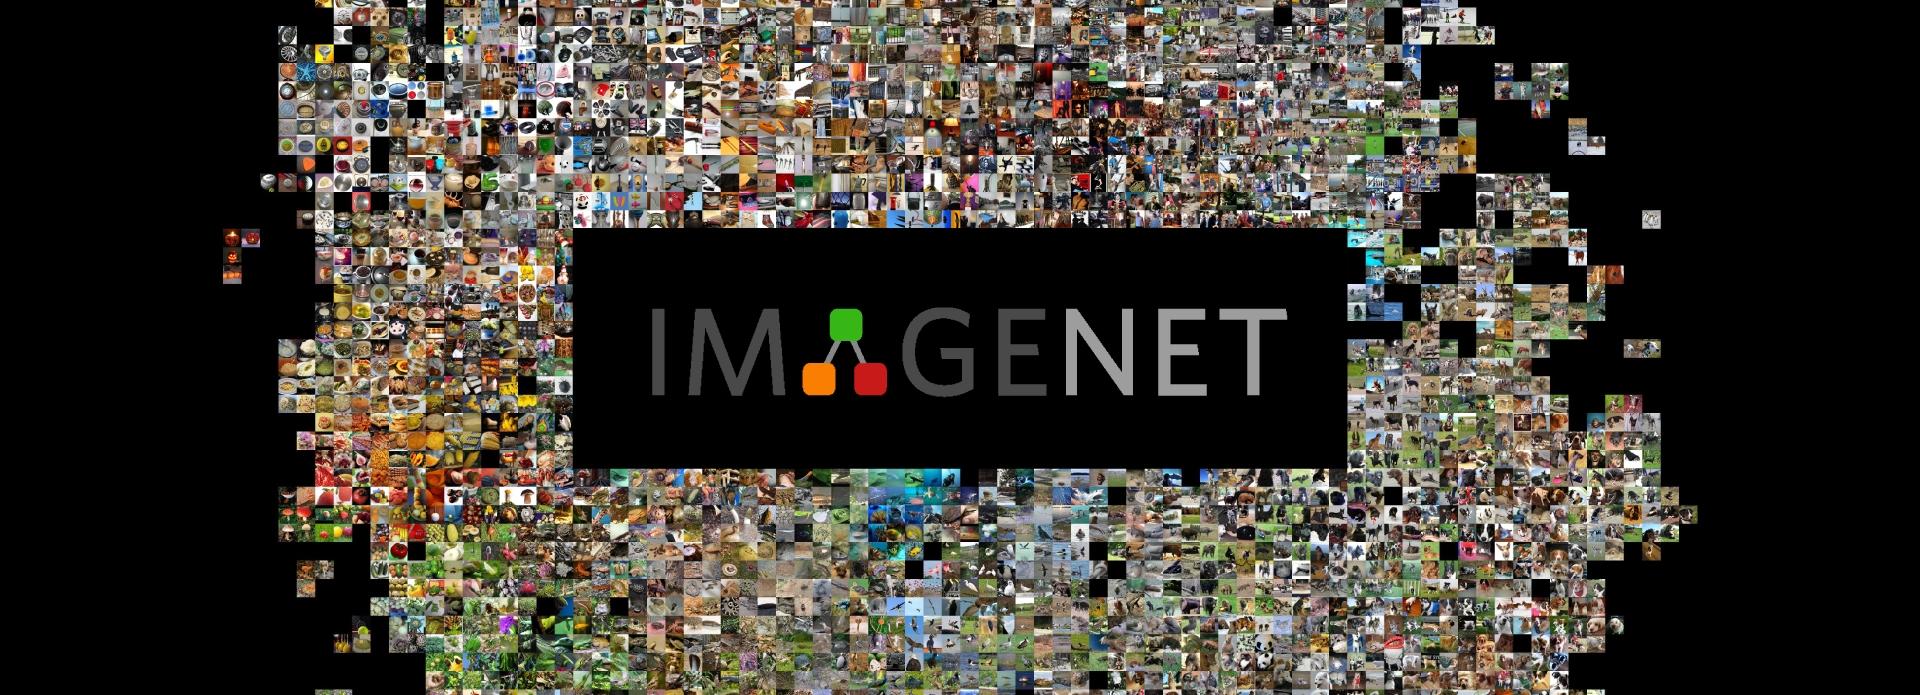 ImageNet.jpg